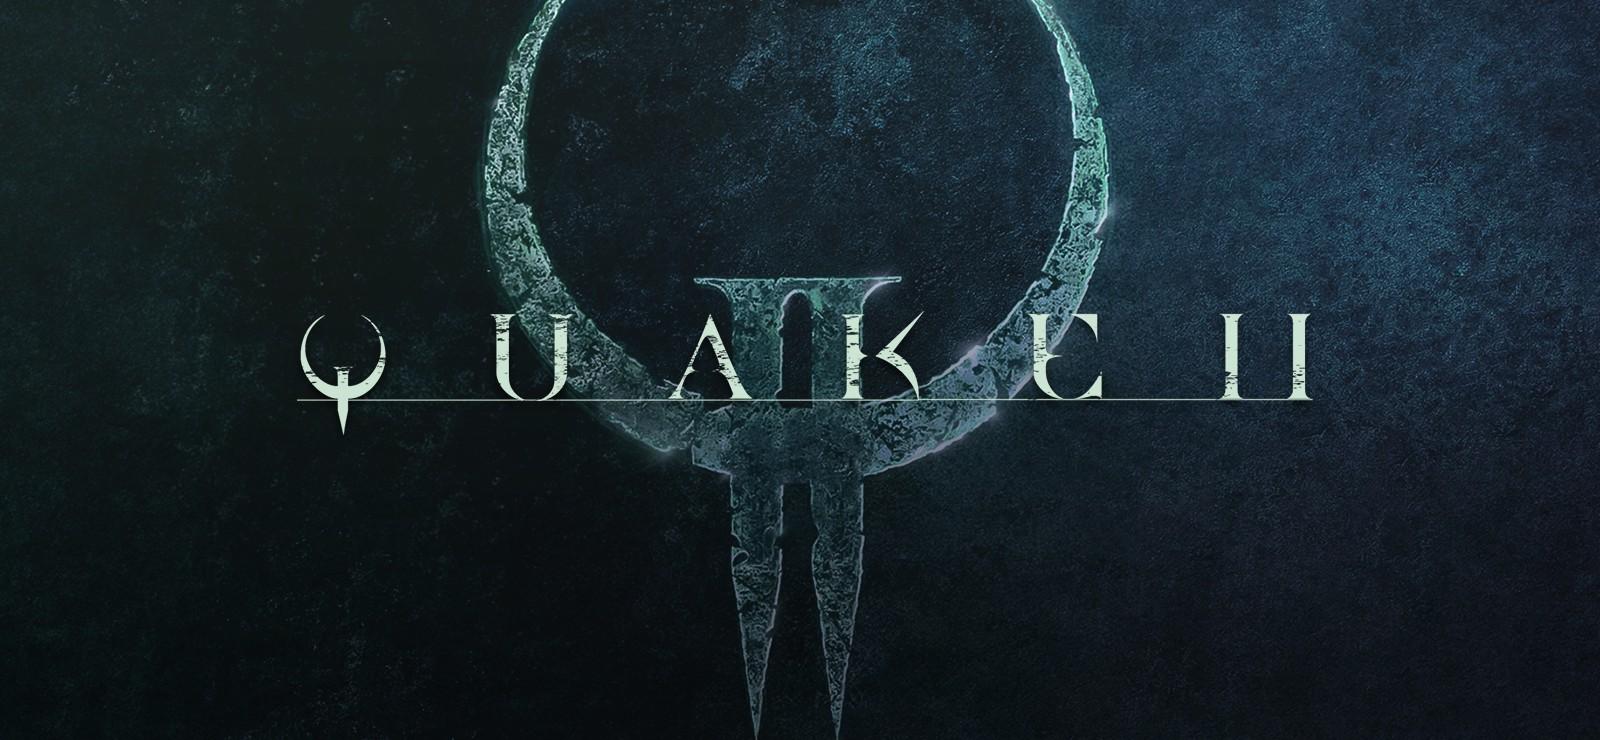 Quake 2 game free download full version snoqualmie casino music calendar